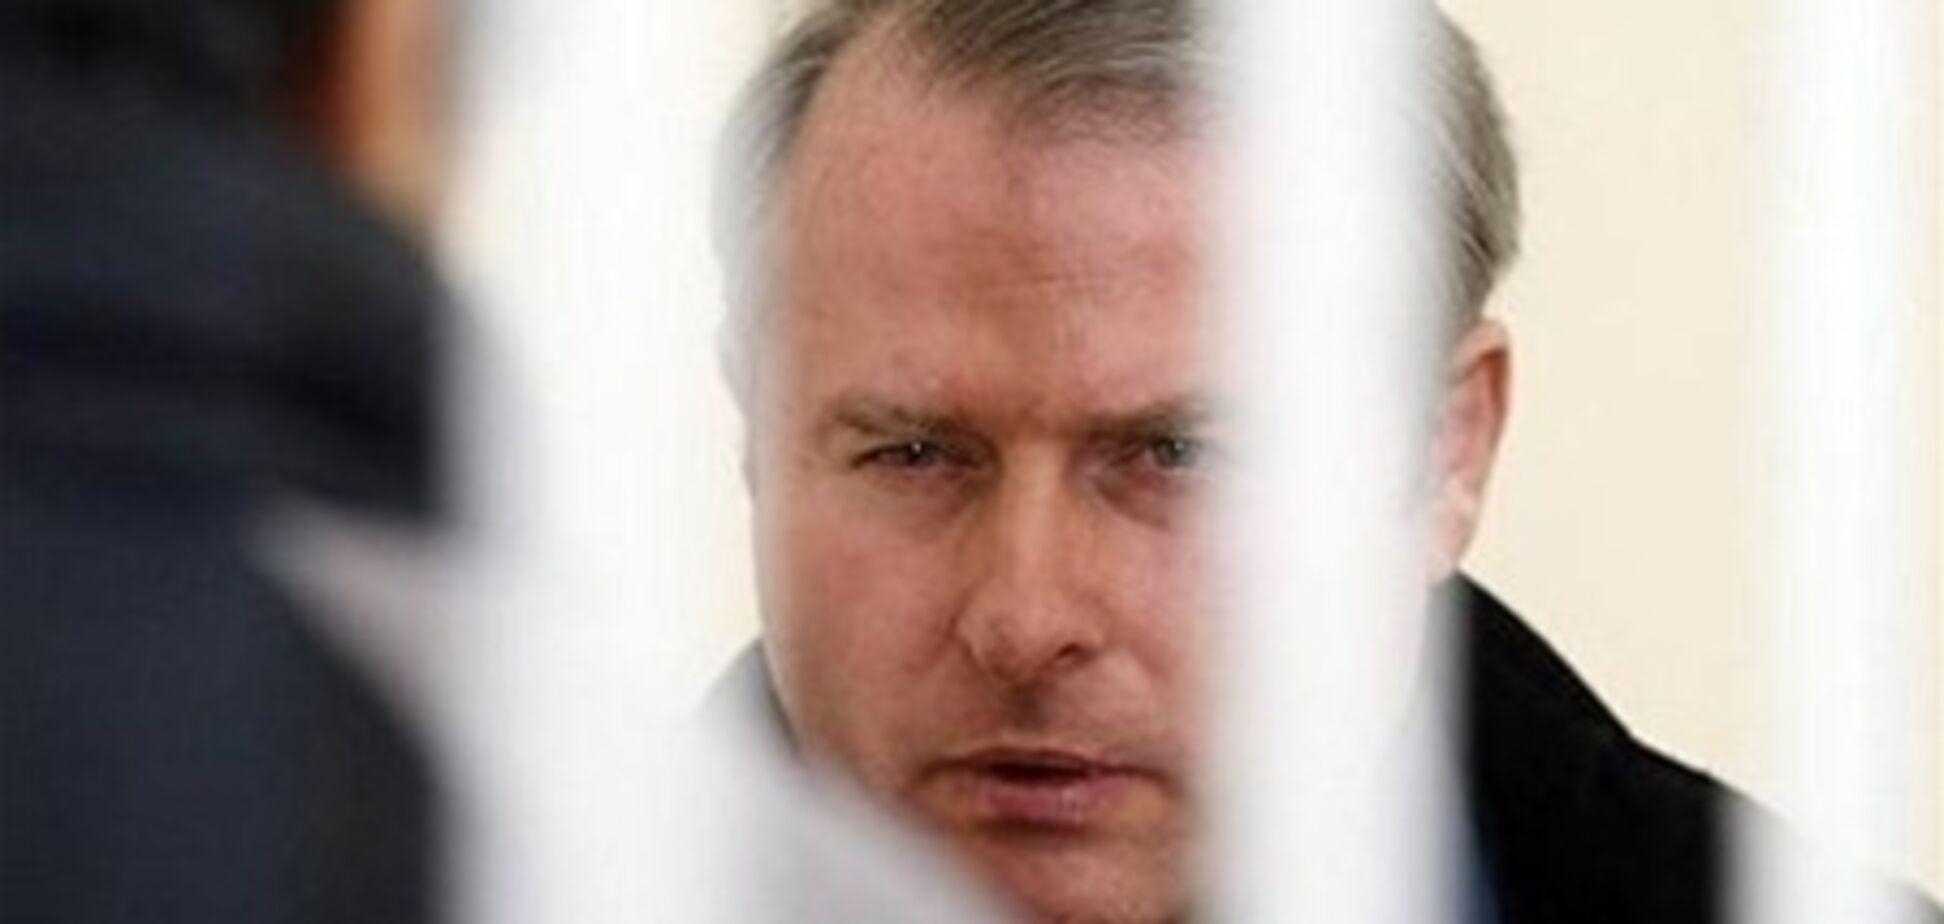 Лозинский может выйти на свободу уже в этом году - СМИ